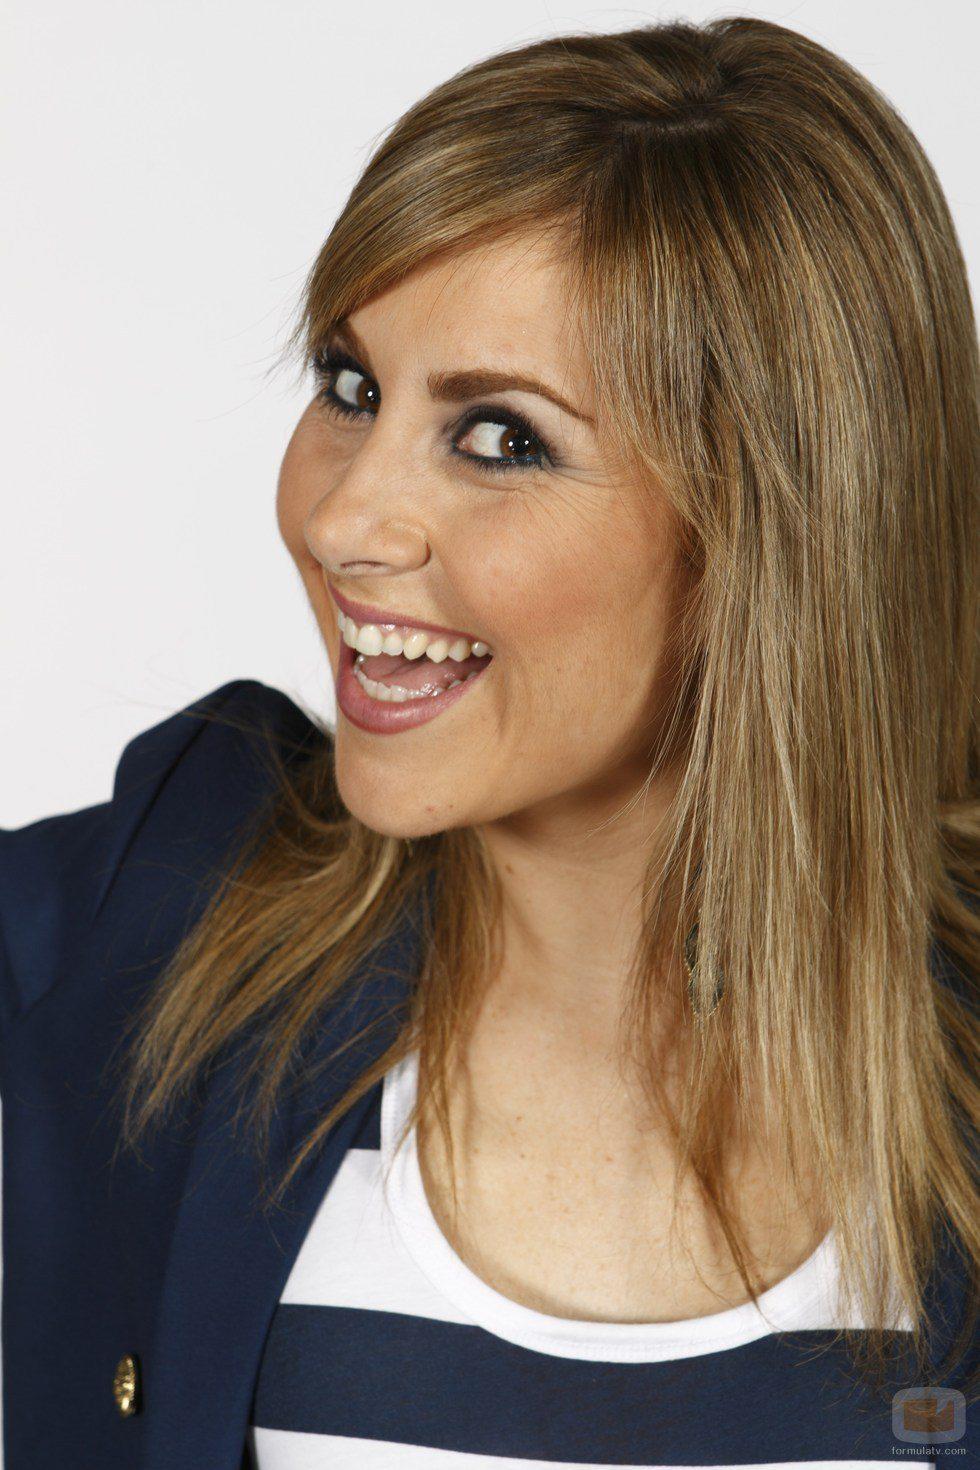 La periodista Susana Guasch, presentadora de 'laSexta deportes'